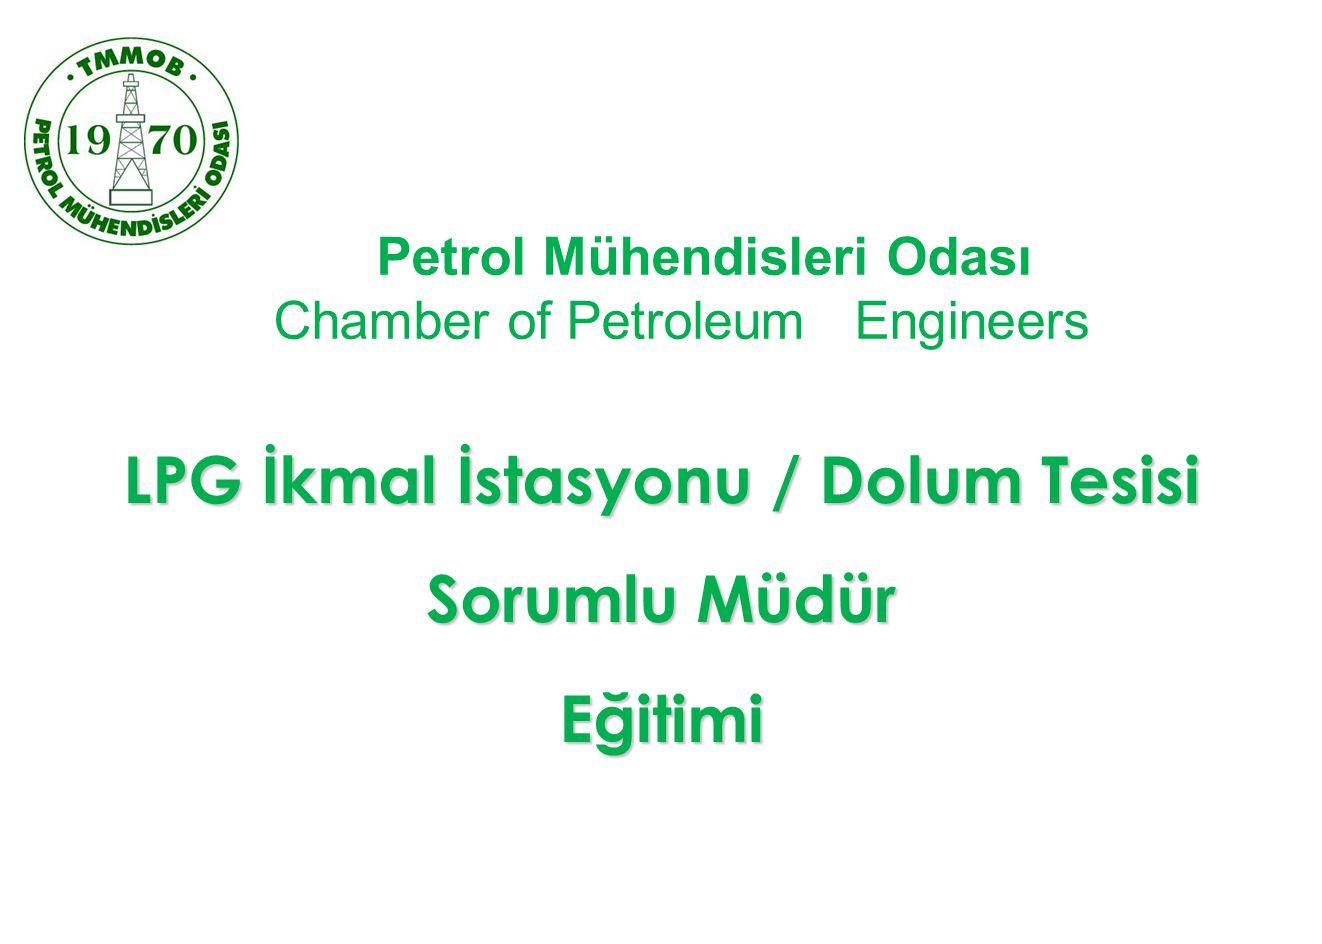 - LPG İkmal İstasyonu / Dolum Tesisi Sorumlu Müdür Eğitimi j) Görevi ile ilgili bilgi, belge ve kayıtları düzenlemek ve muhafaza edilmesini sağlamak, ile yükümlüdür.